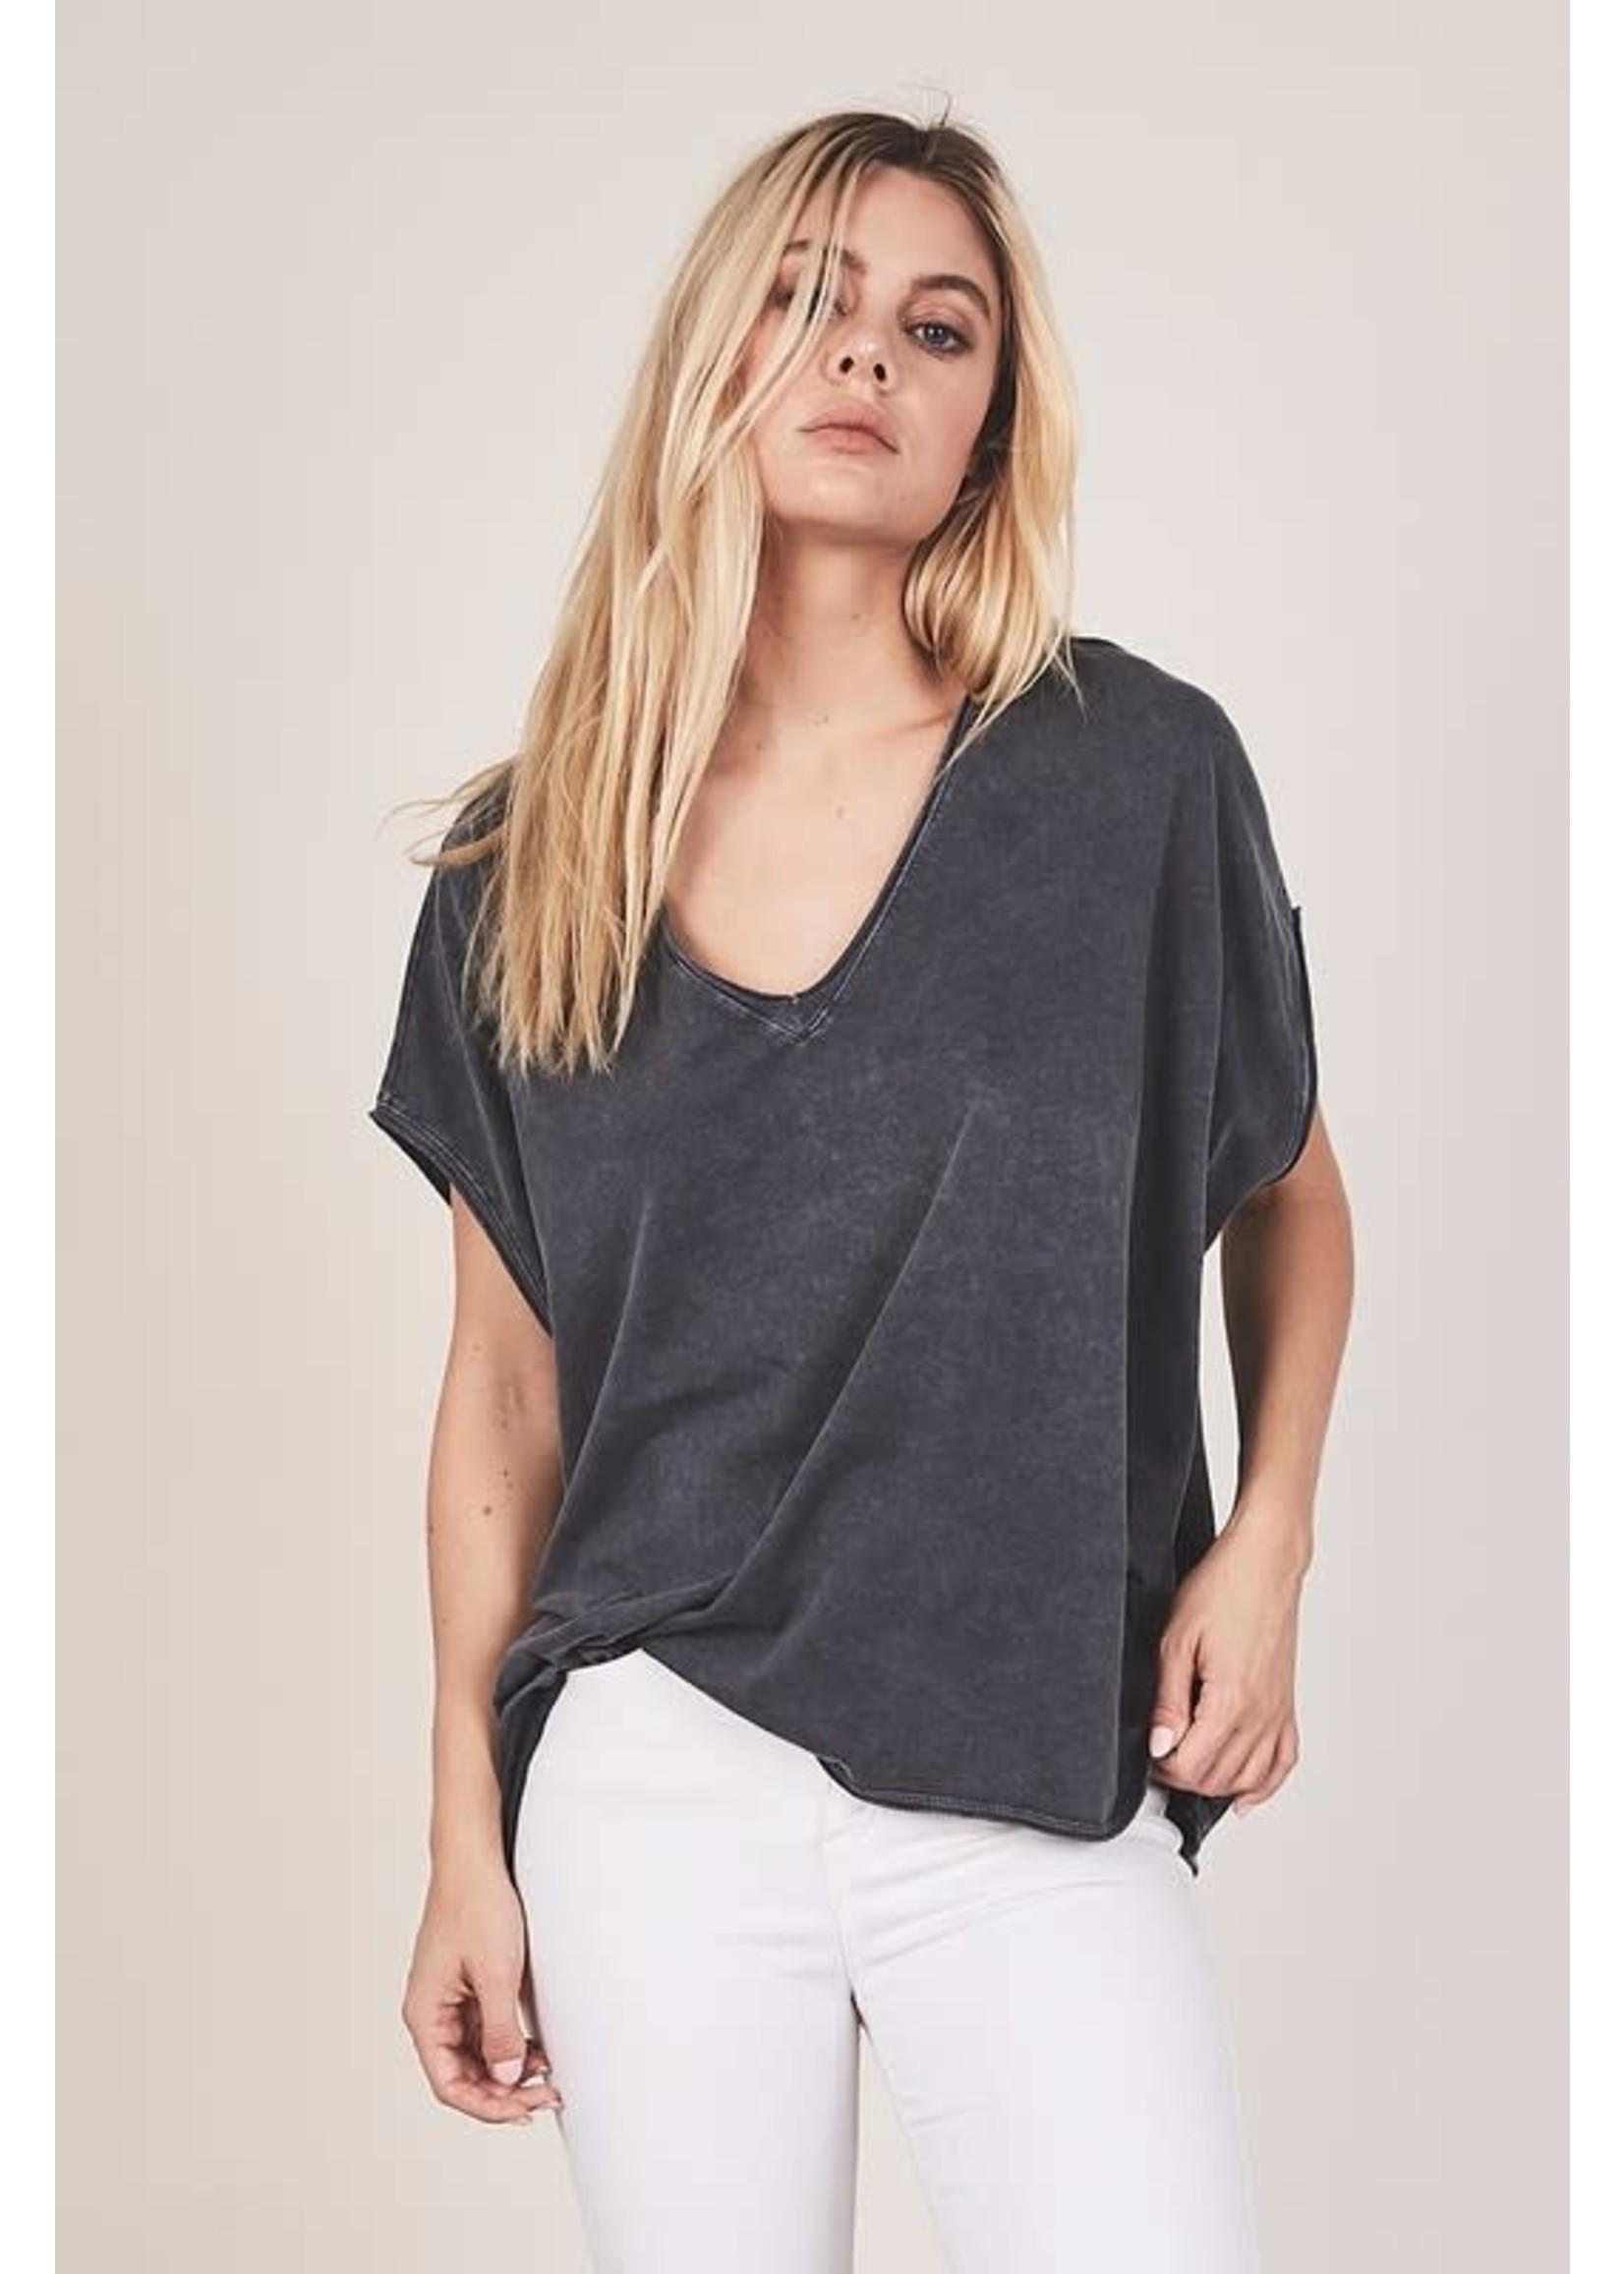 Mustard Seed Boxy T-Shirt - S16513